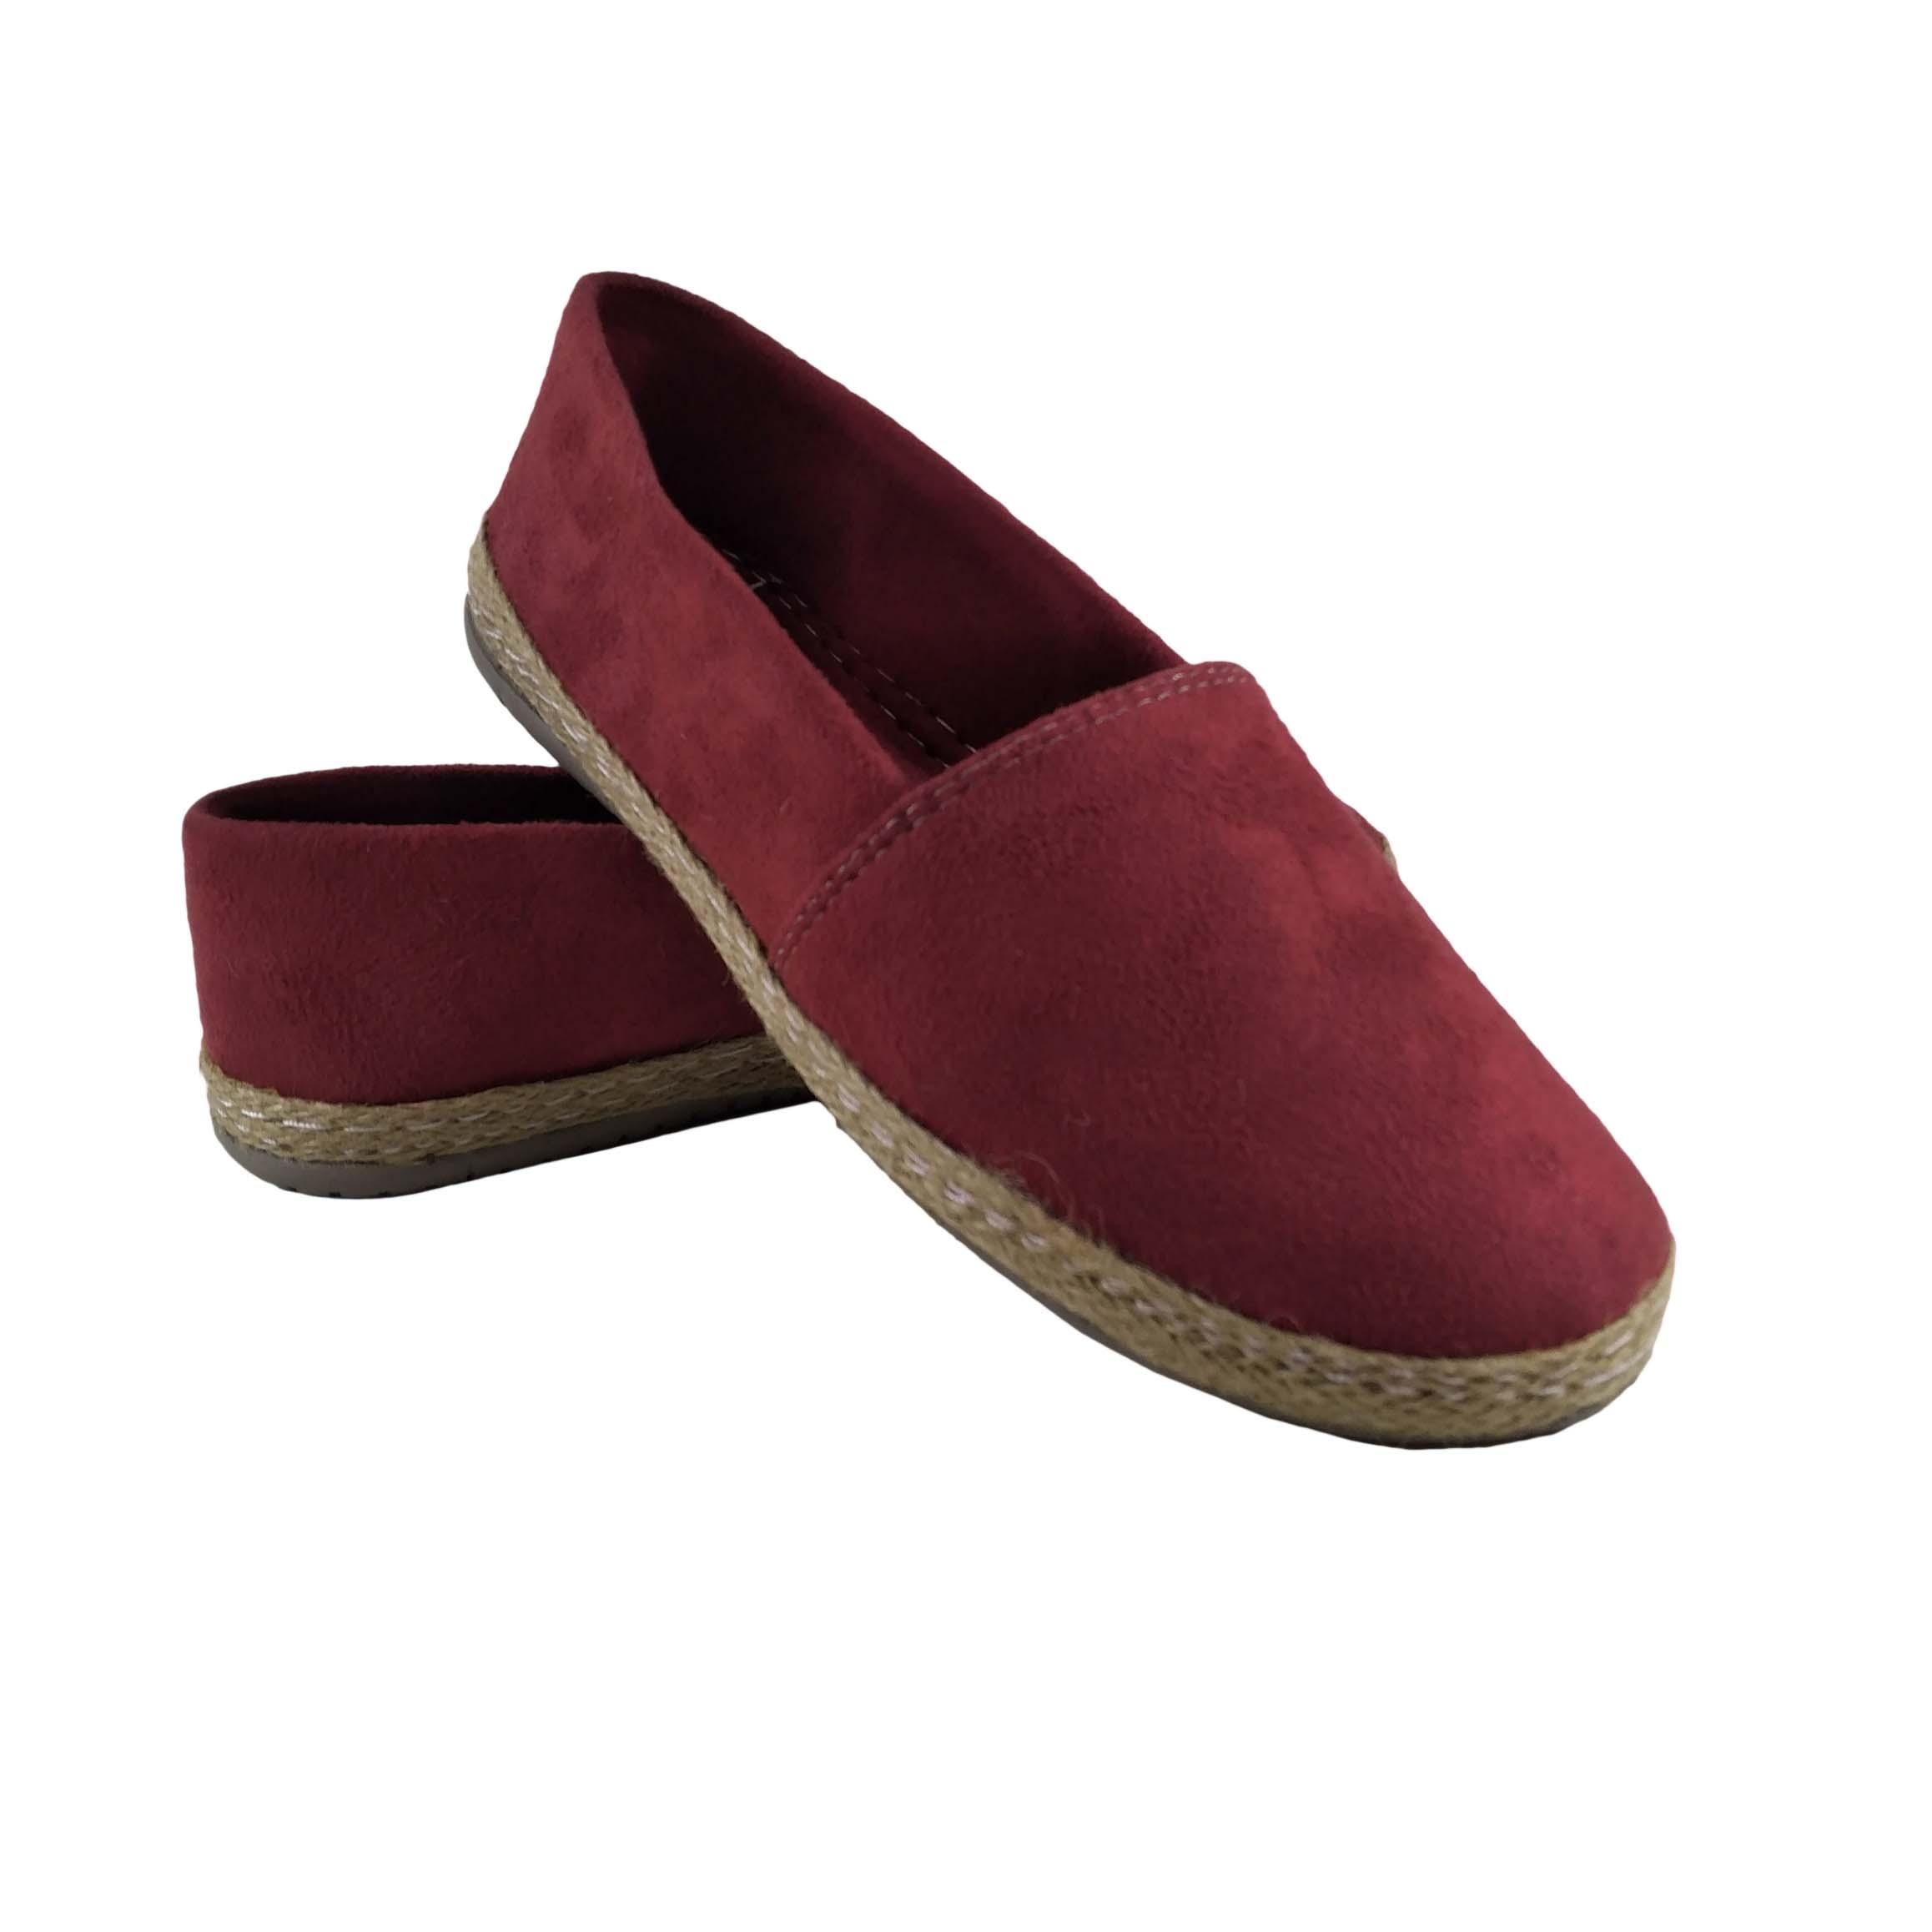 کفش روزمره زنانه مدل کالج